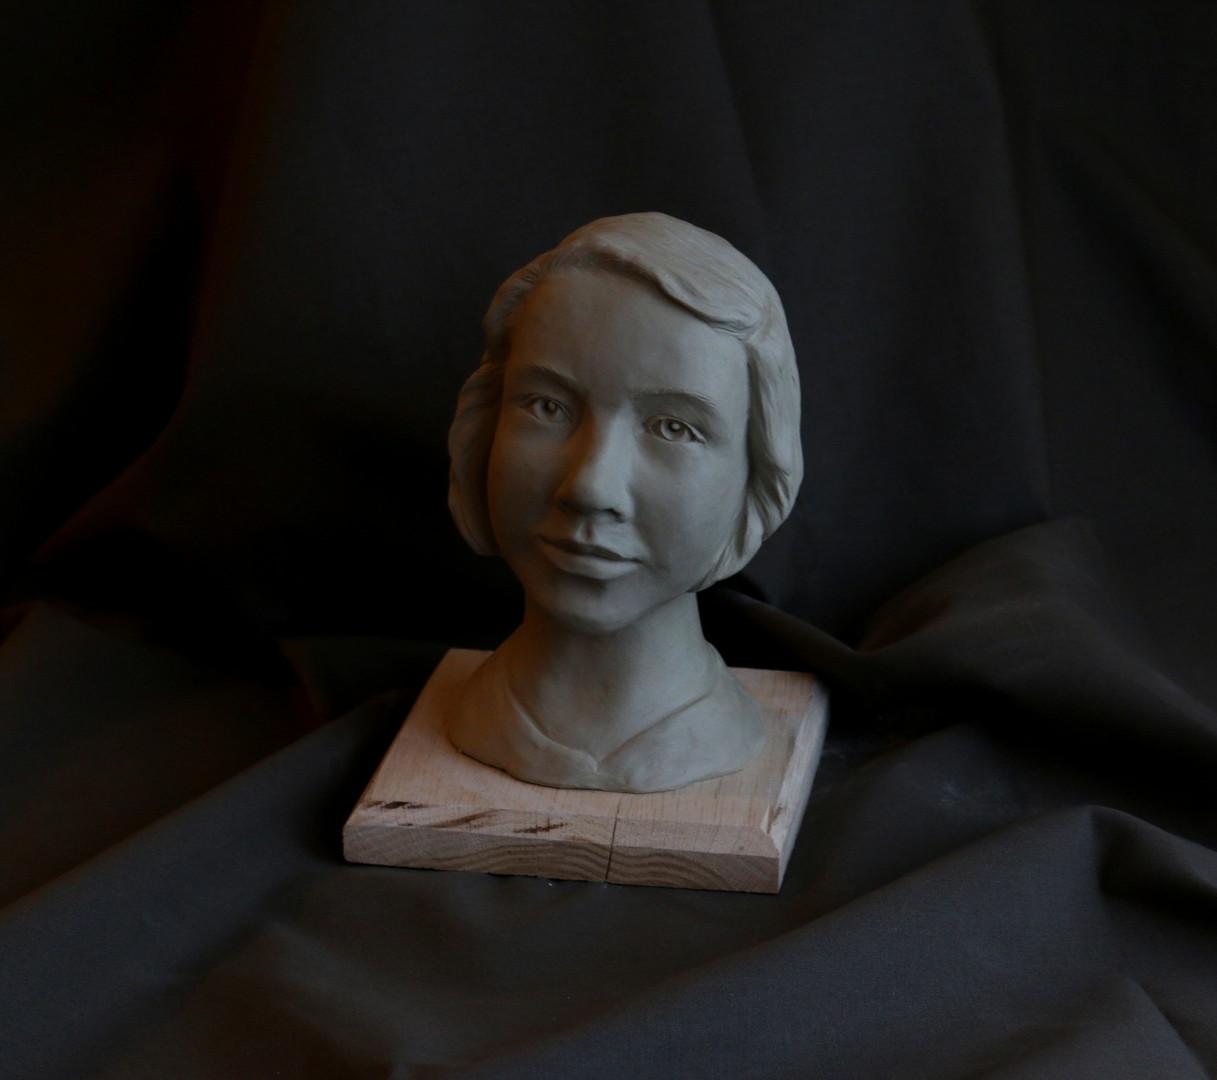 Head sculpture by Nedergård Handicrafts.